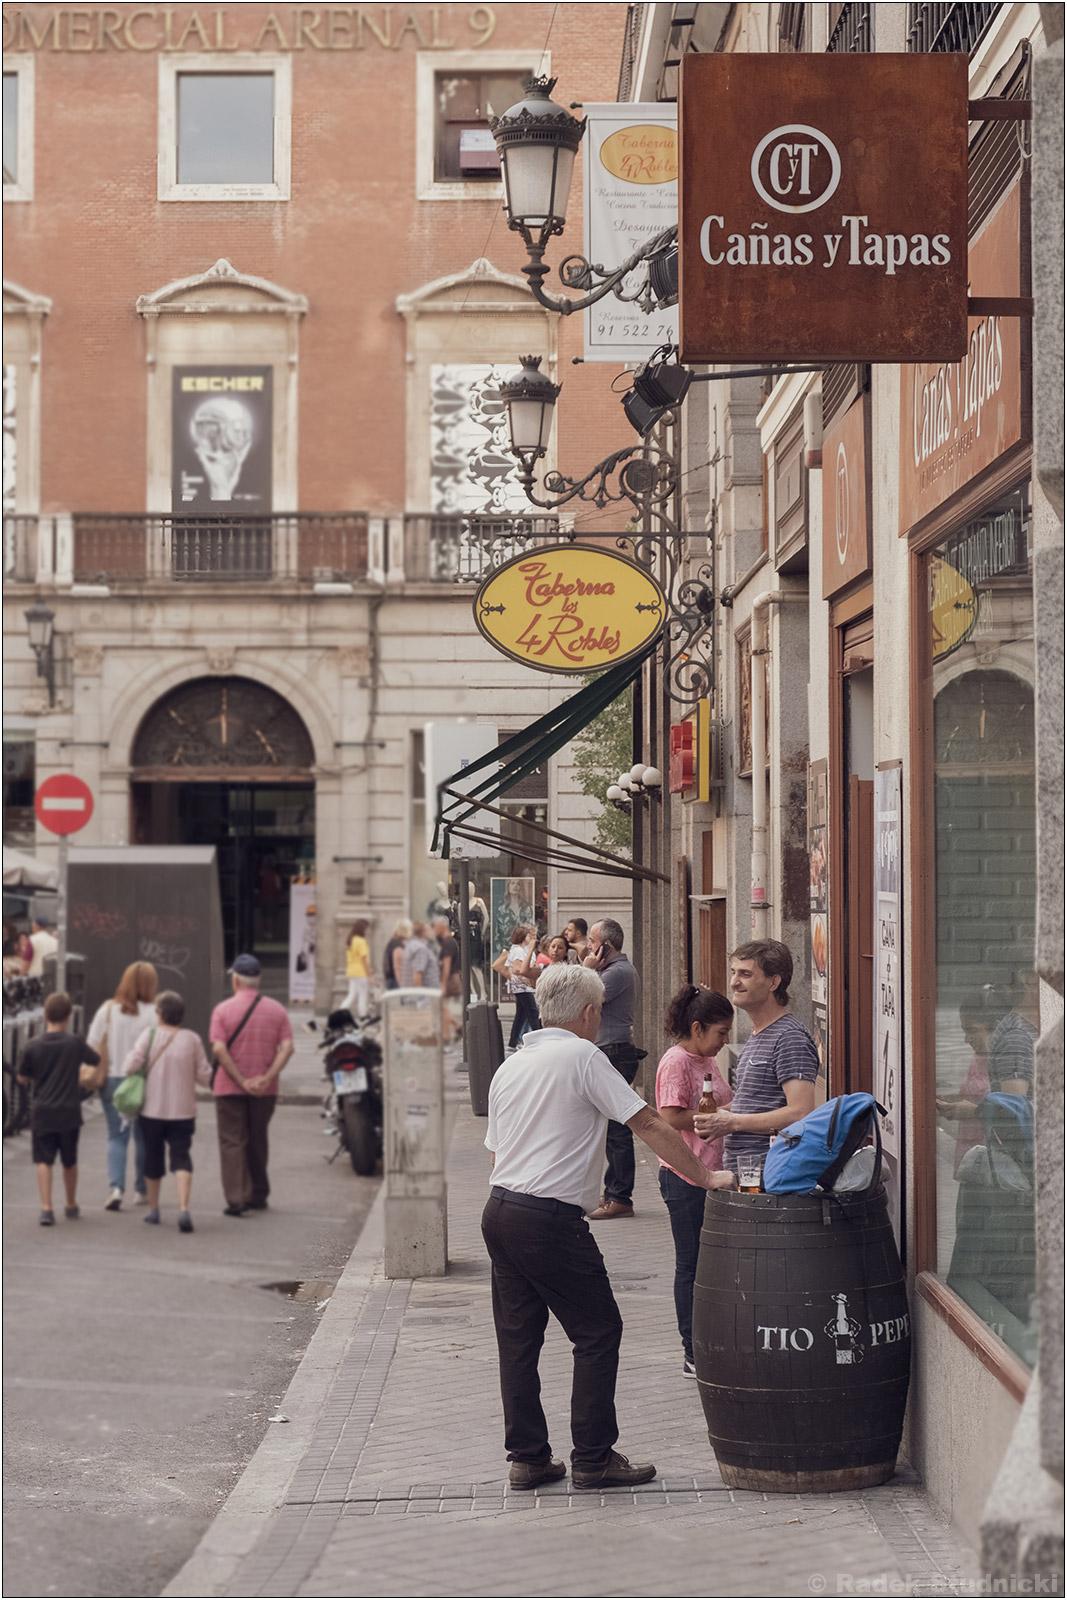 Życie na ulicach Madrytu